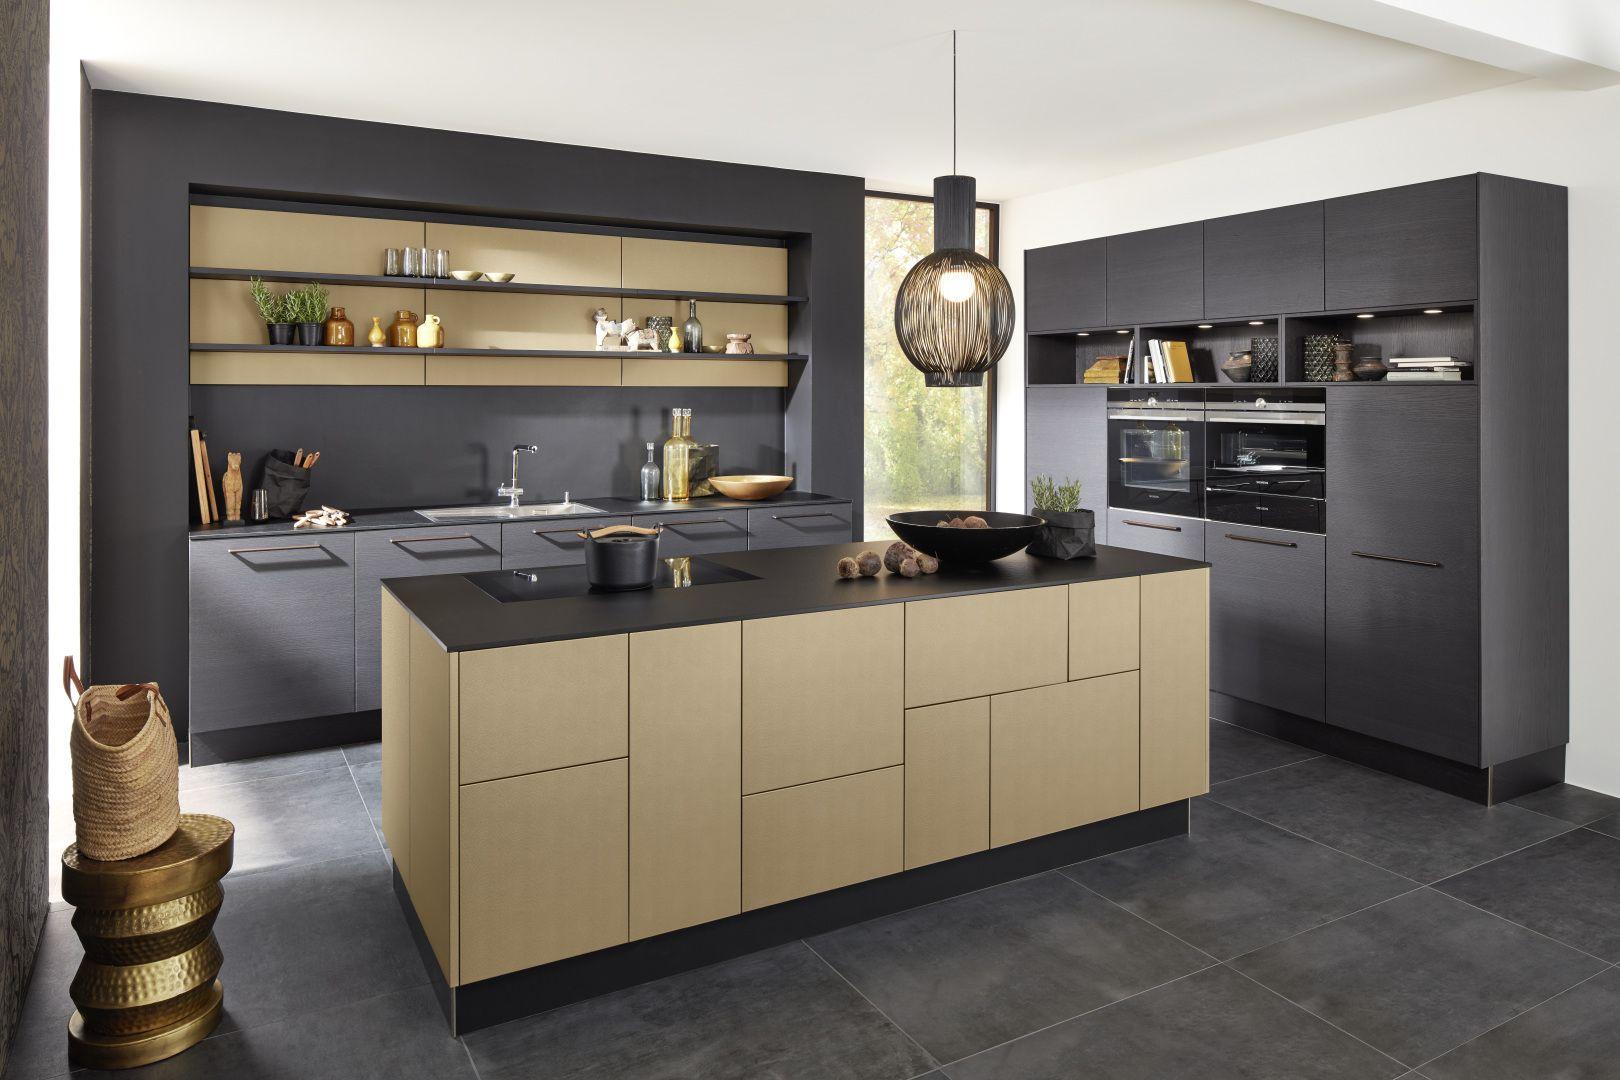 nolte kchen mit kochinsel und theke, image result for nolte kitchens images | kitchen | pinterest | nolte, Design ideen